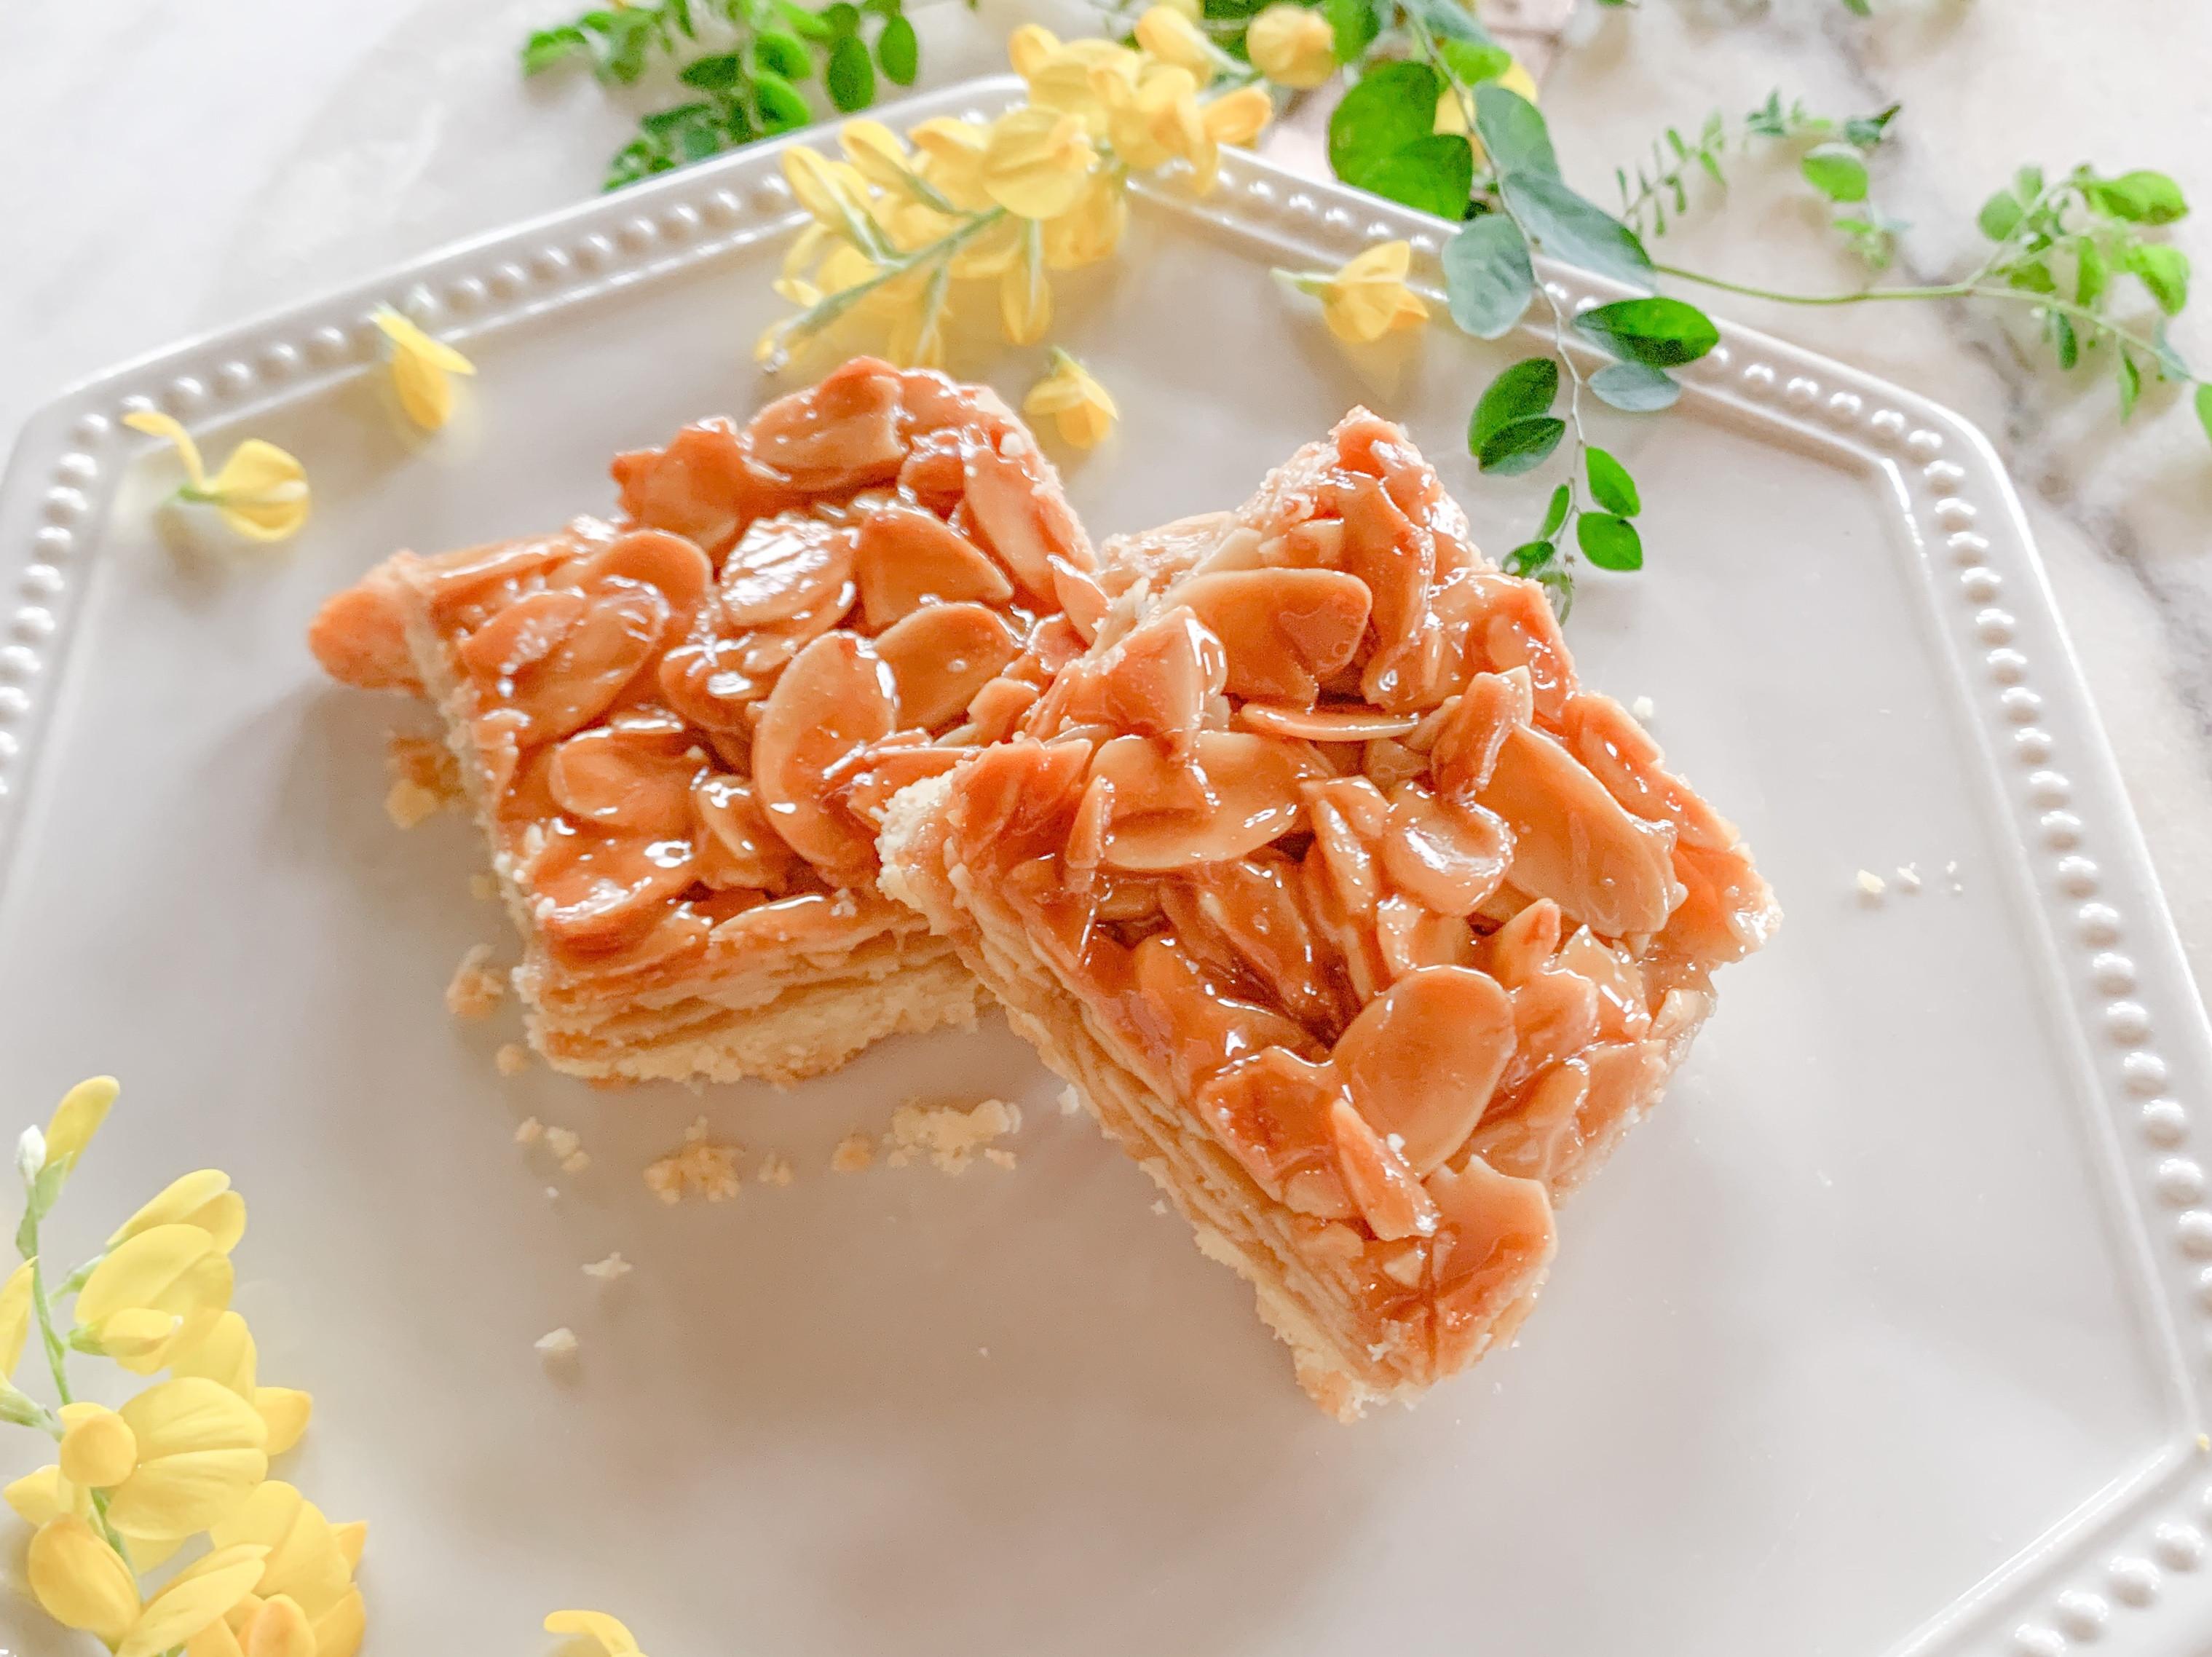 杏仁酥餅(佛羅倫丁杏仁餅)